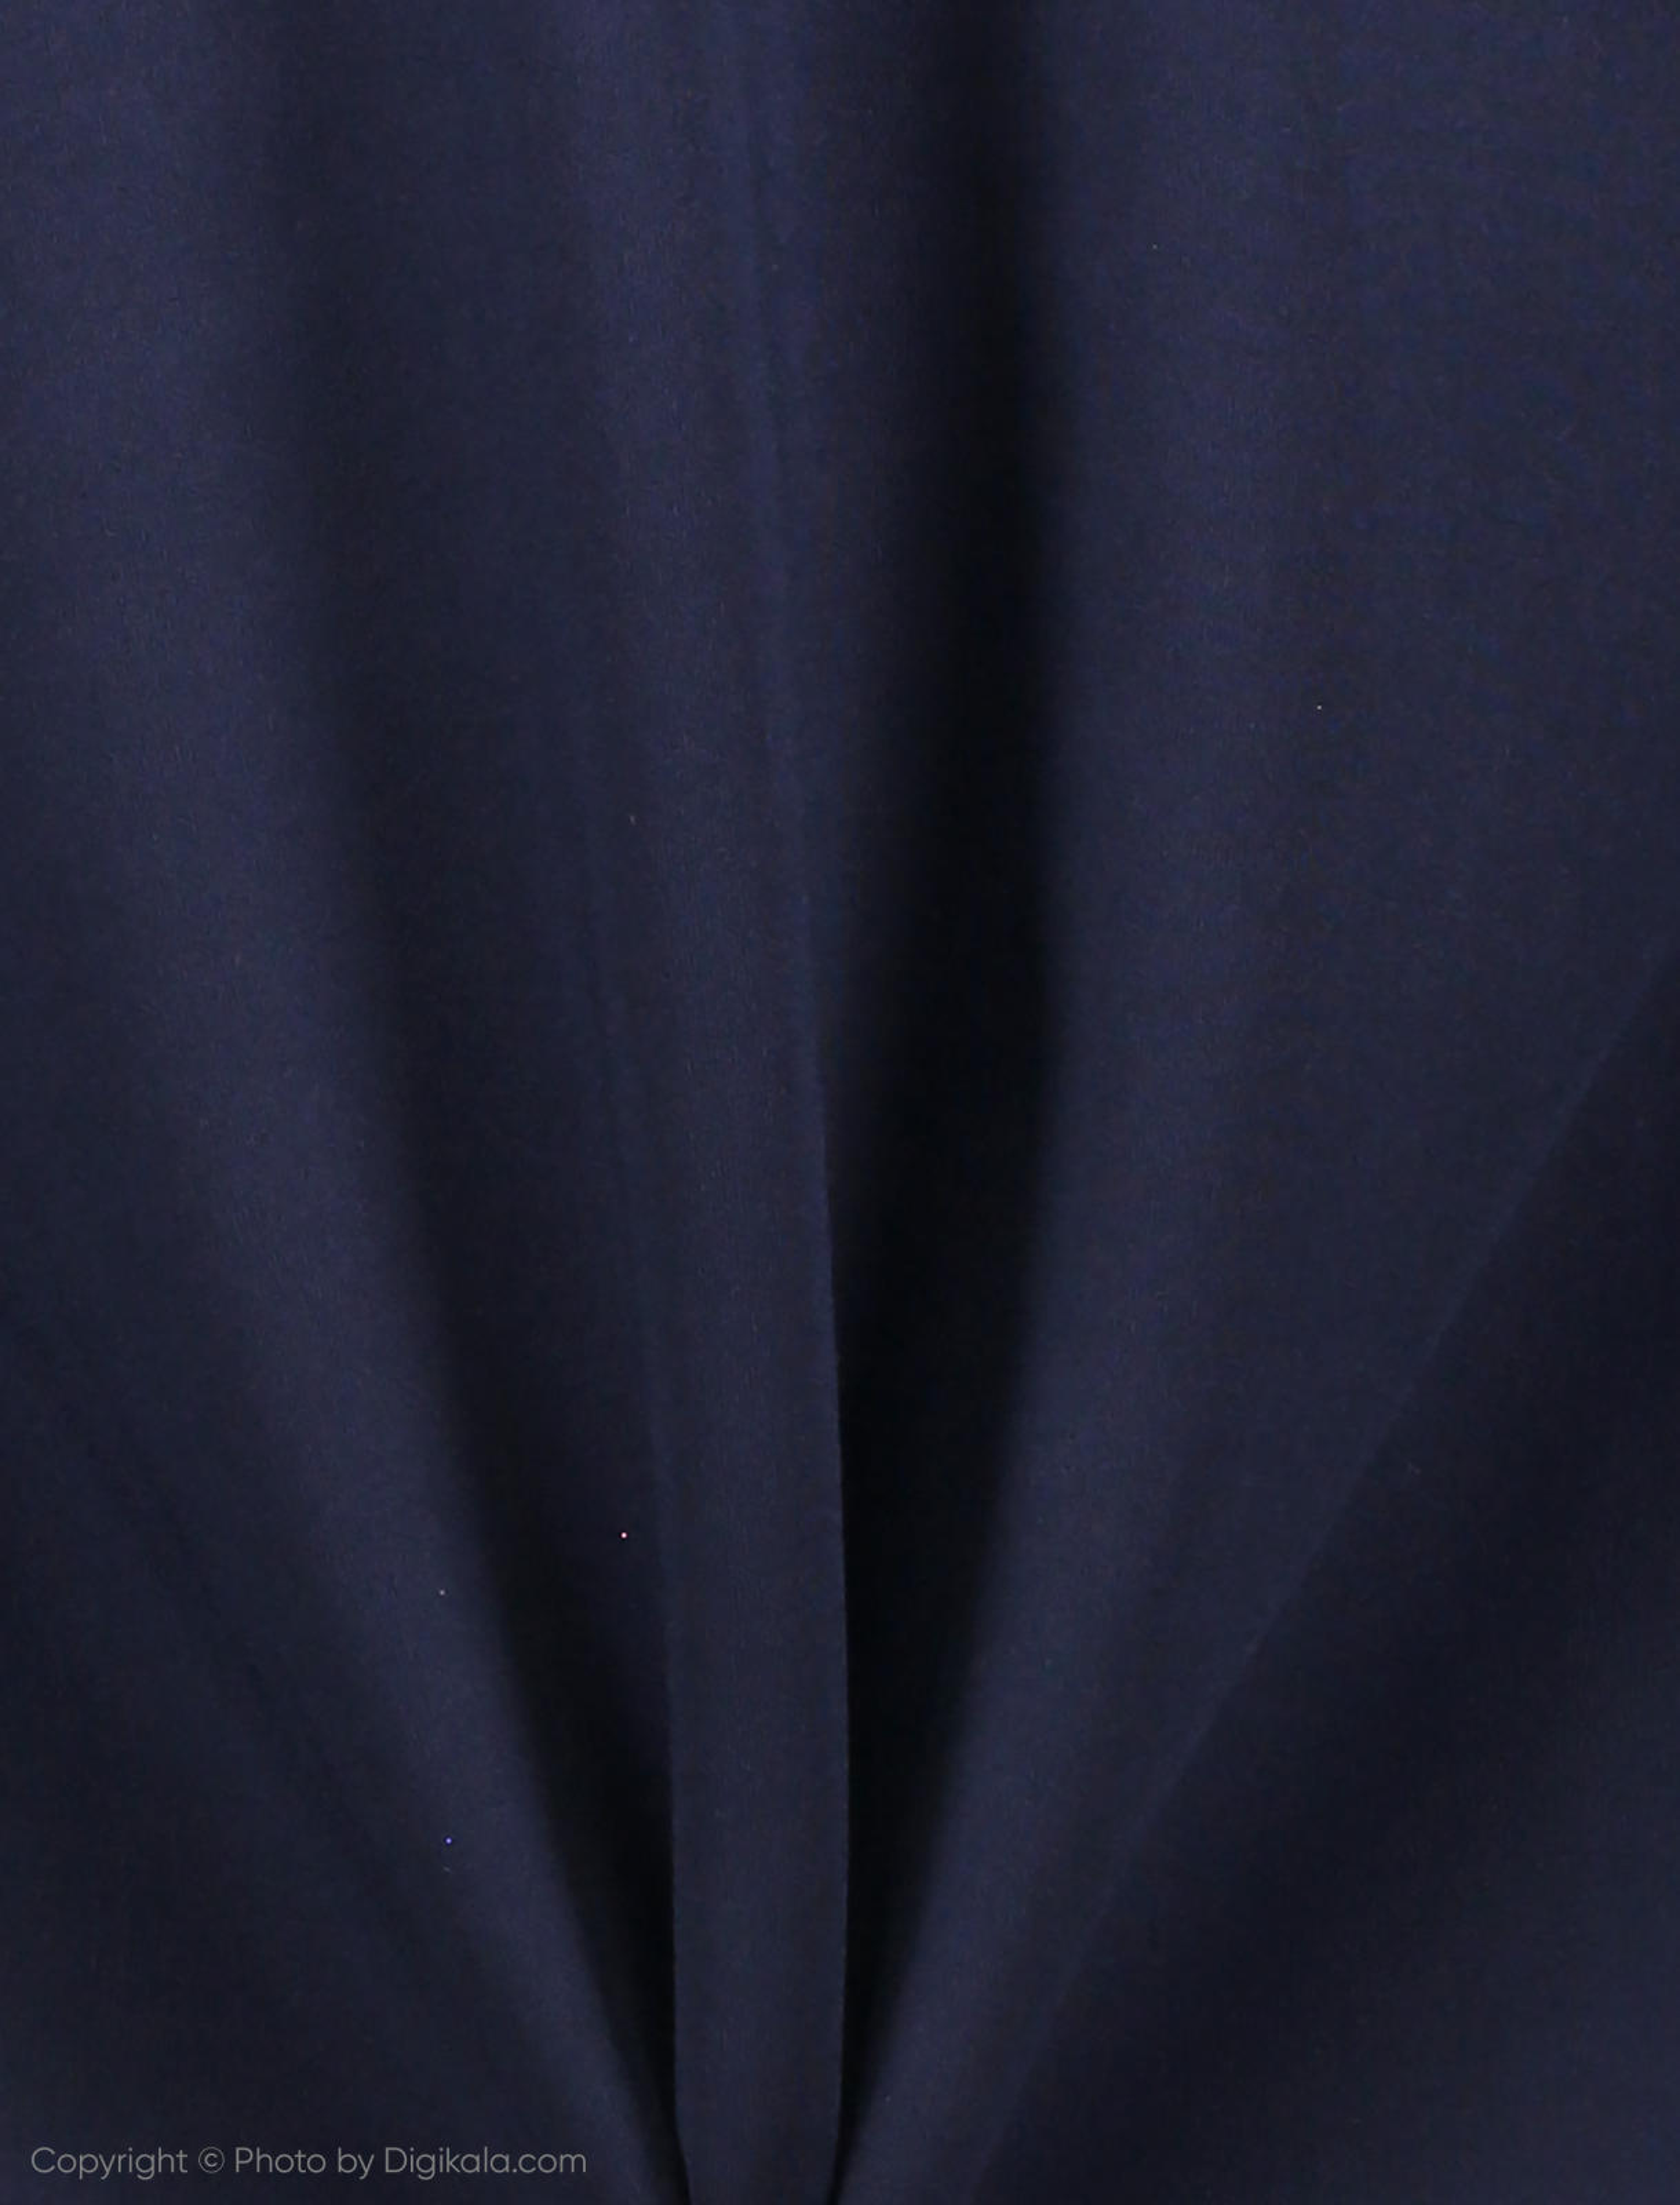 ست سویشرت و شلوار ورزشی زنانه بی فور ران مدل 980121-59 main 1 8